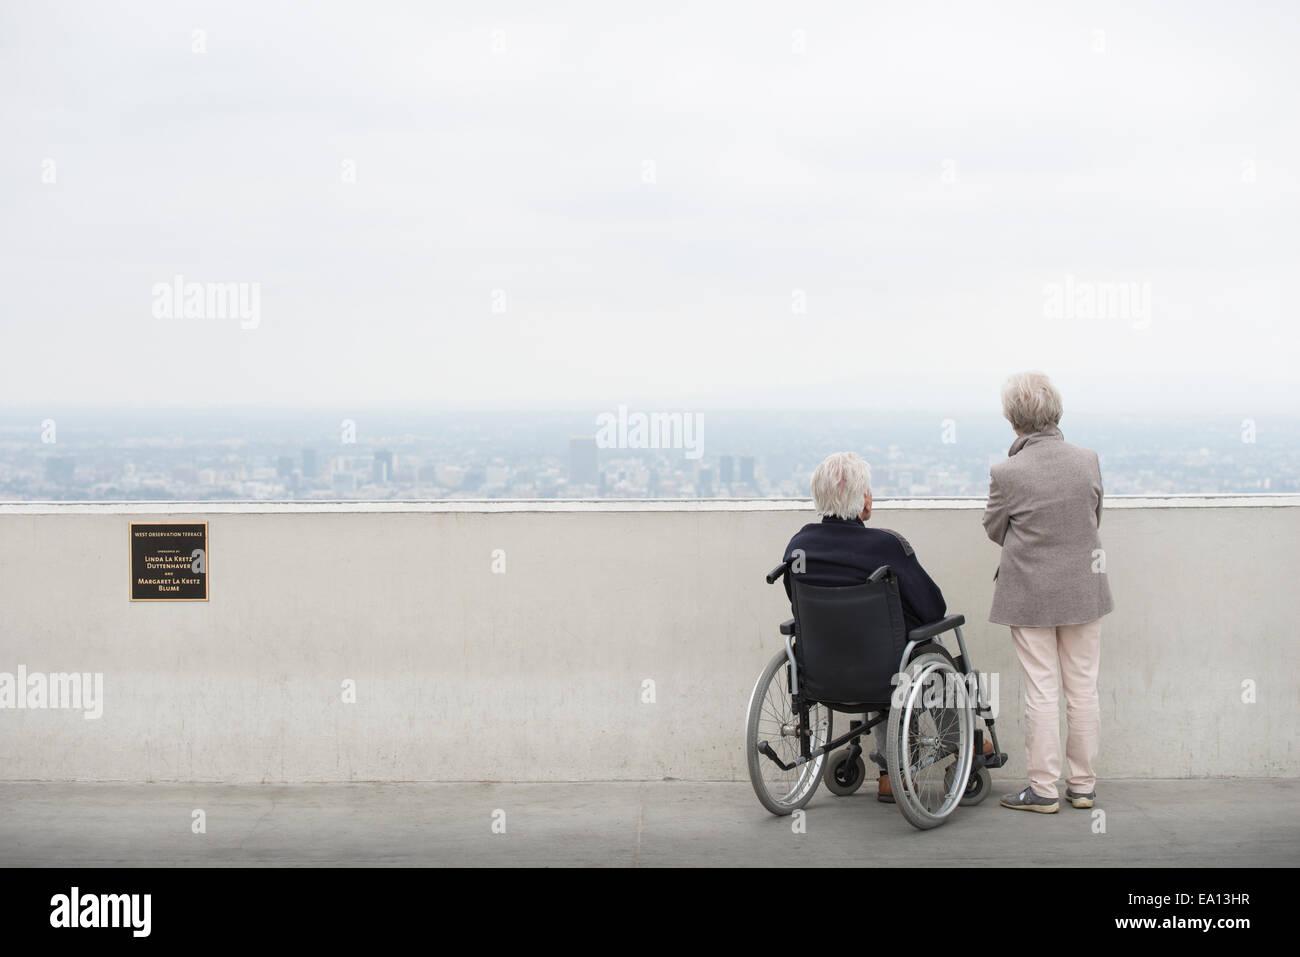 Vue arrière du man en fauteuil roulant et son épouse à la ville à partir de l'affichage Photo Stock